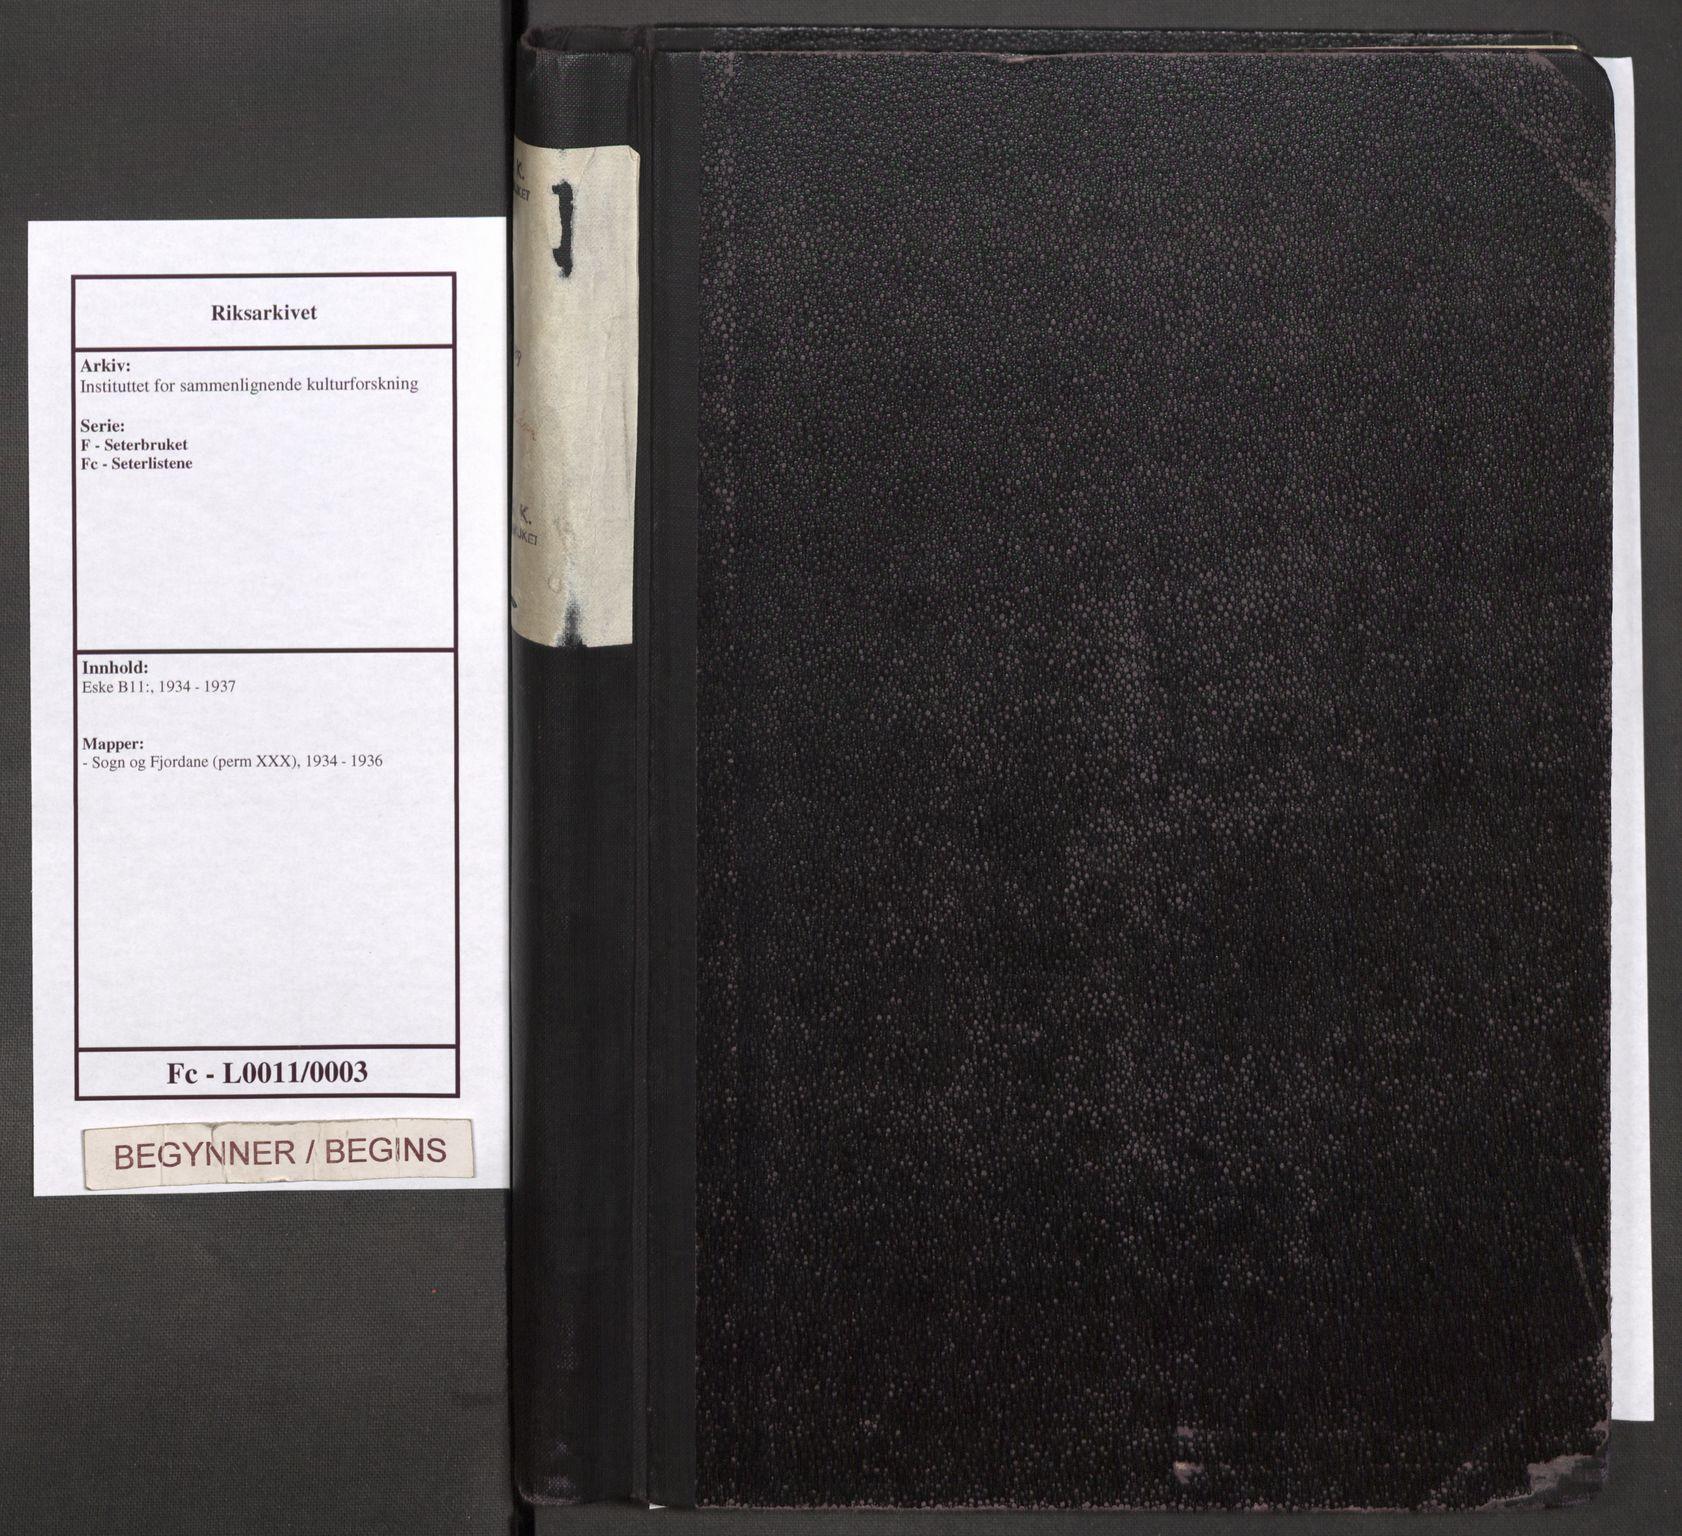 RA, Instituttet for sammenlignende kulturforskning, F/Fc/L0011: Eske B11:, 1934-1936, s. upaginert